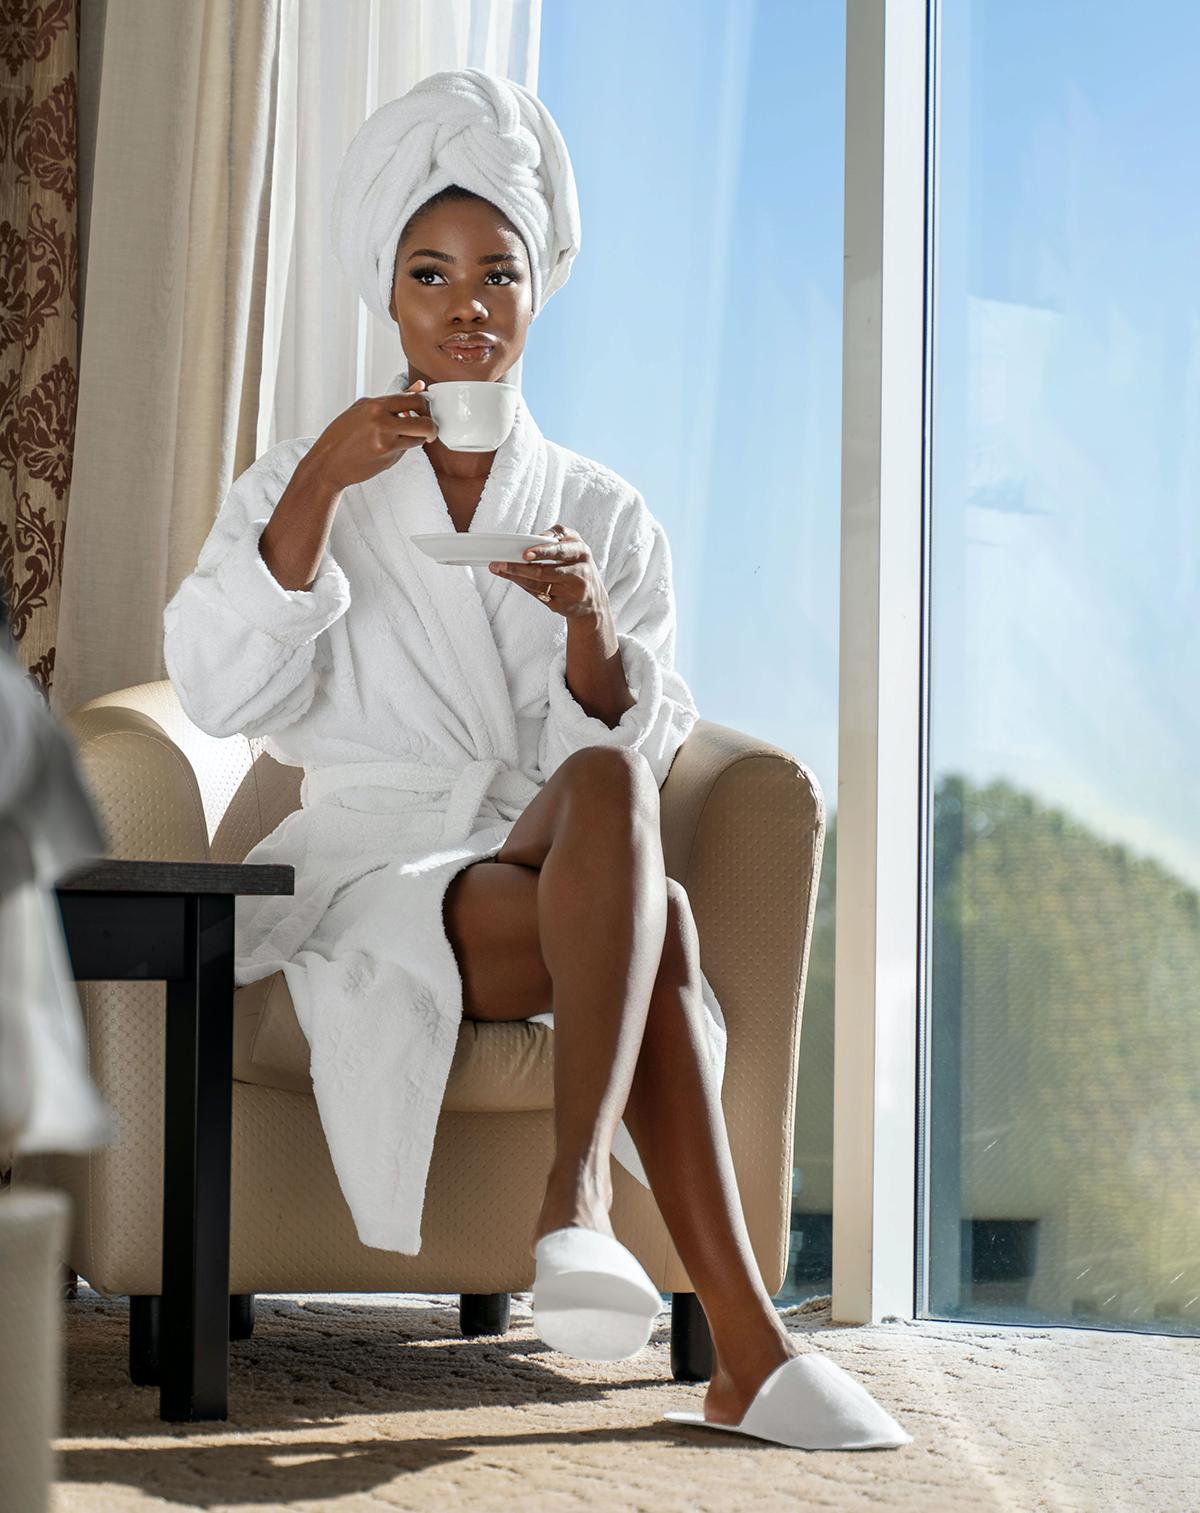 Áo choàng tắm là vật mà nhiều du khách thích đem về. Ảnh: Unsplash